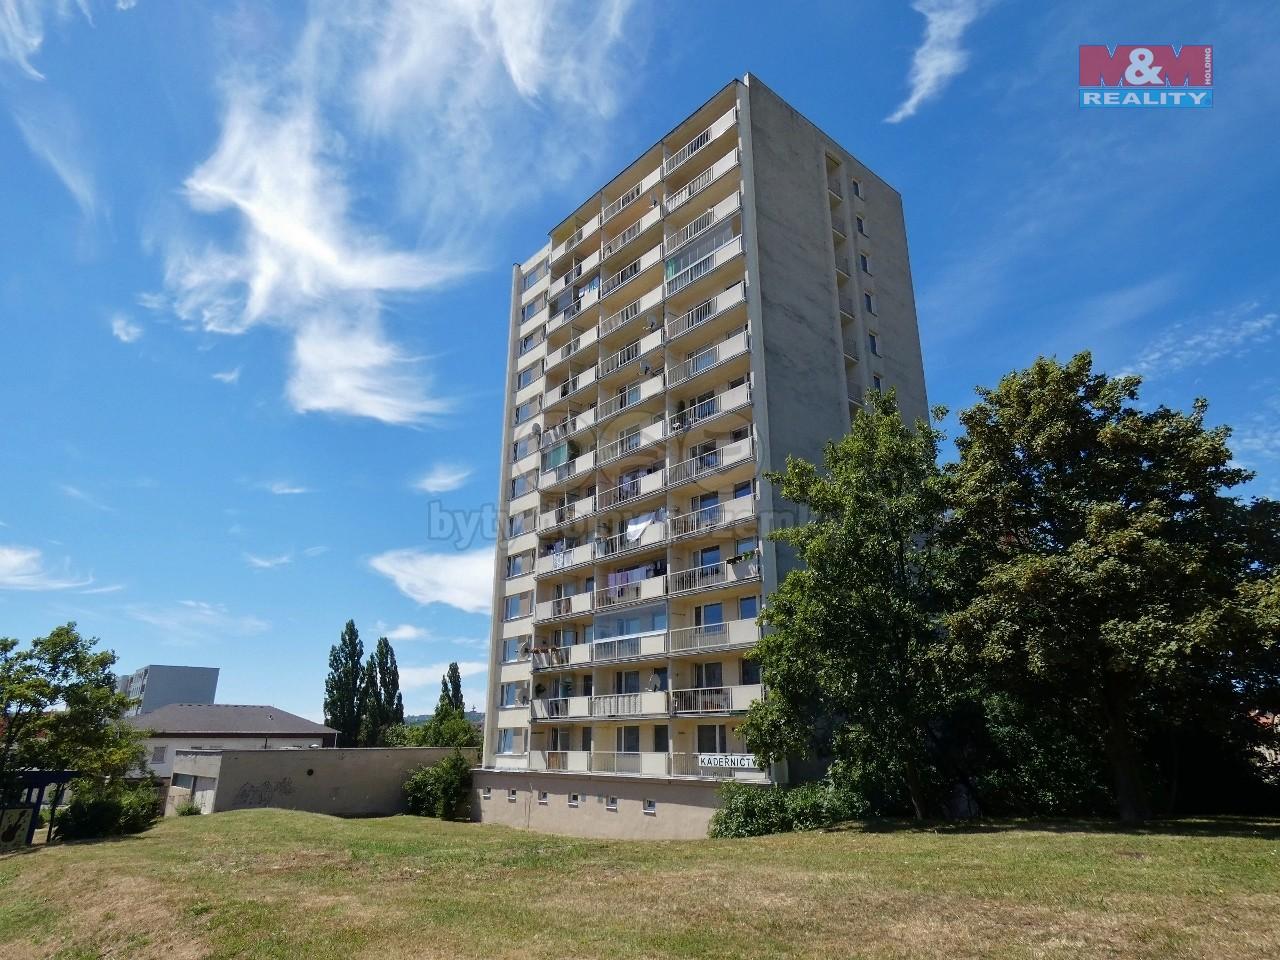 Prodej, byt, 2+kk, 44 m2, DV, Teplice - Trnovany